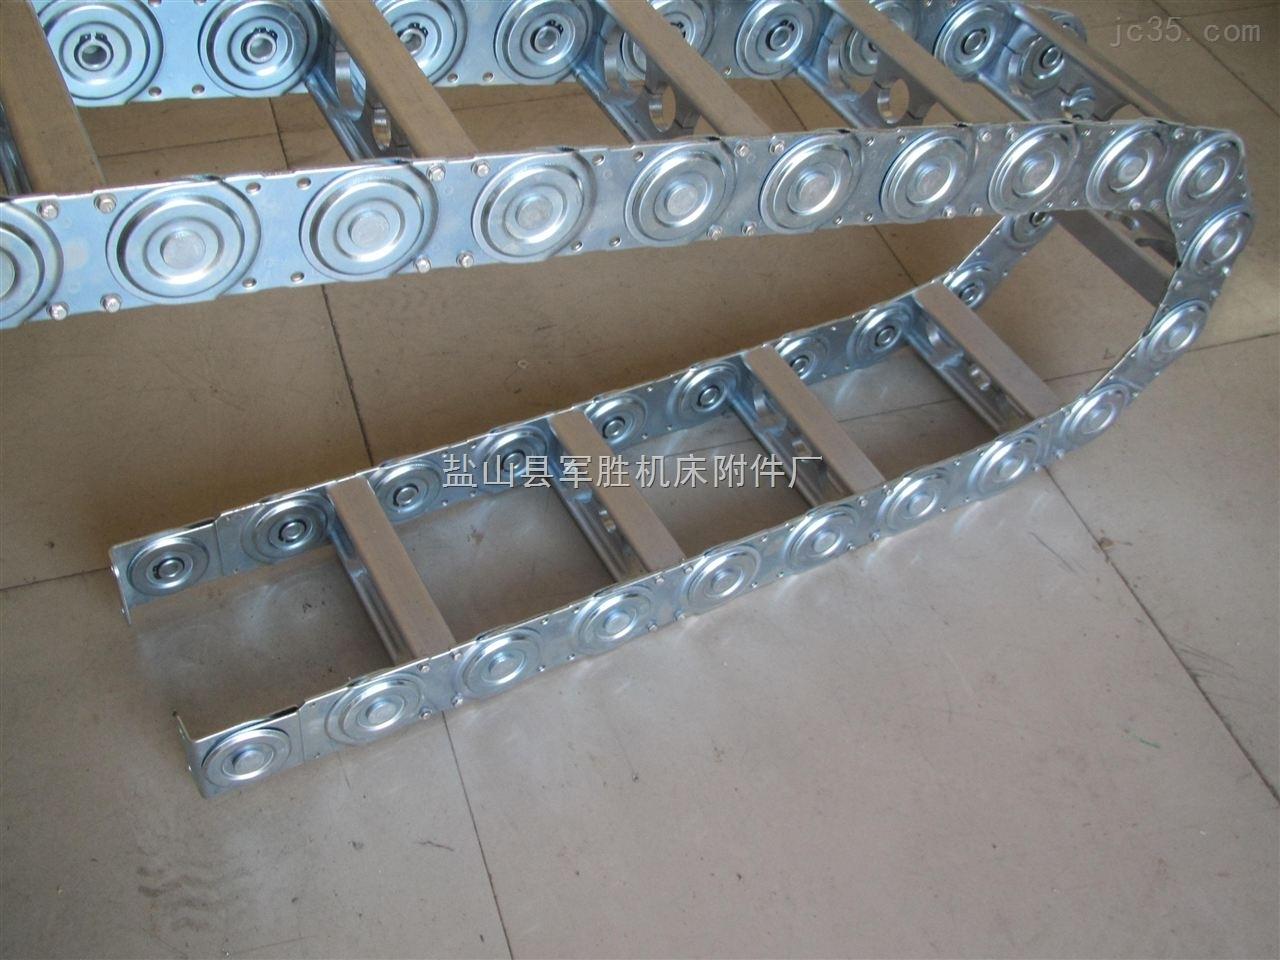 出售机械设备线缆穿线钢制拖链